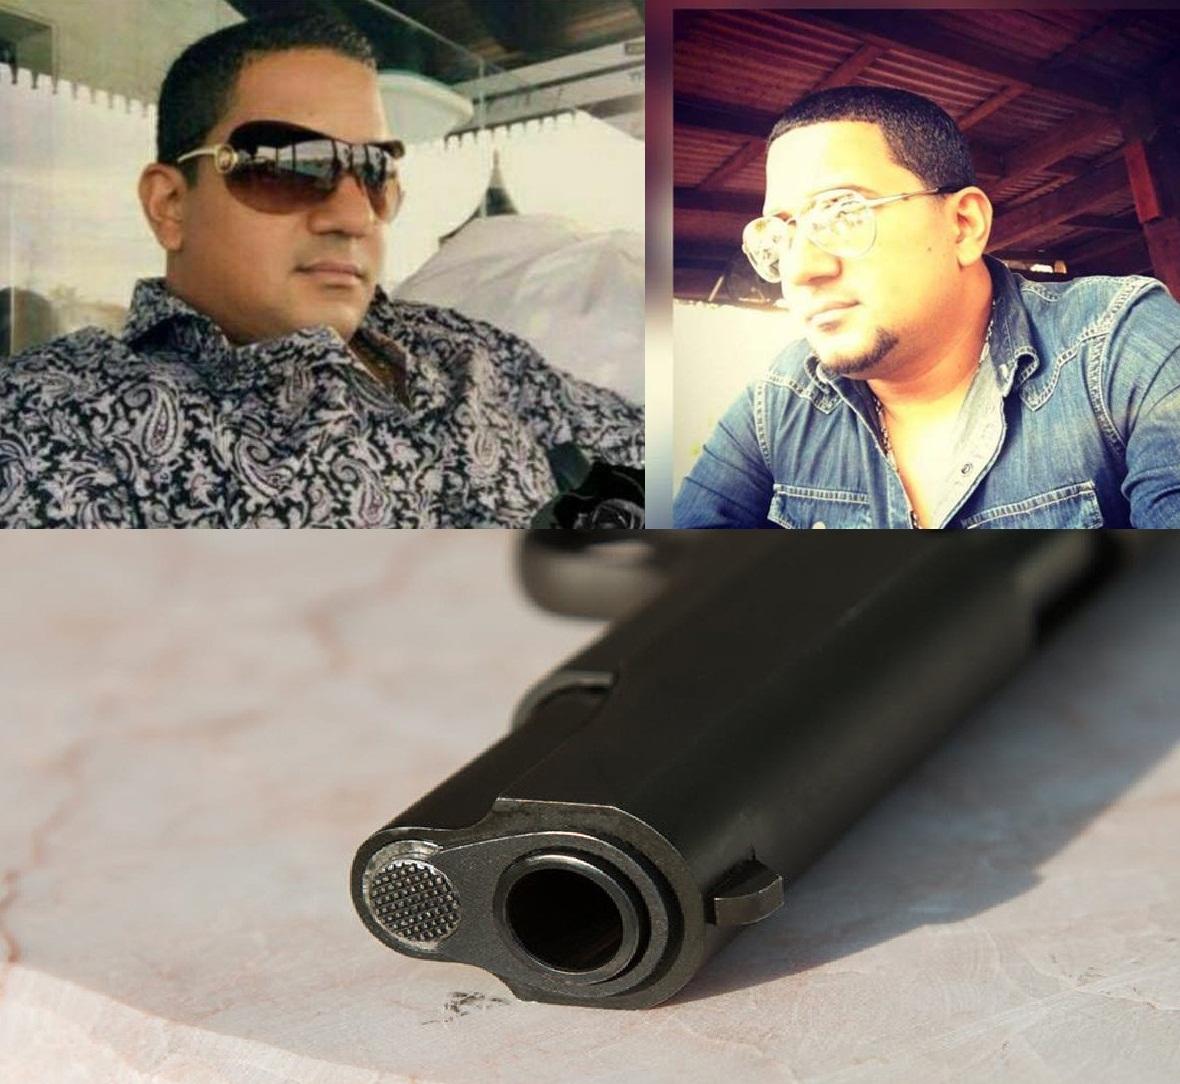 Le quitan la vida a un hombre de varios disparos en casa de un amigo en el barrio San francisco.